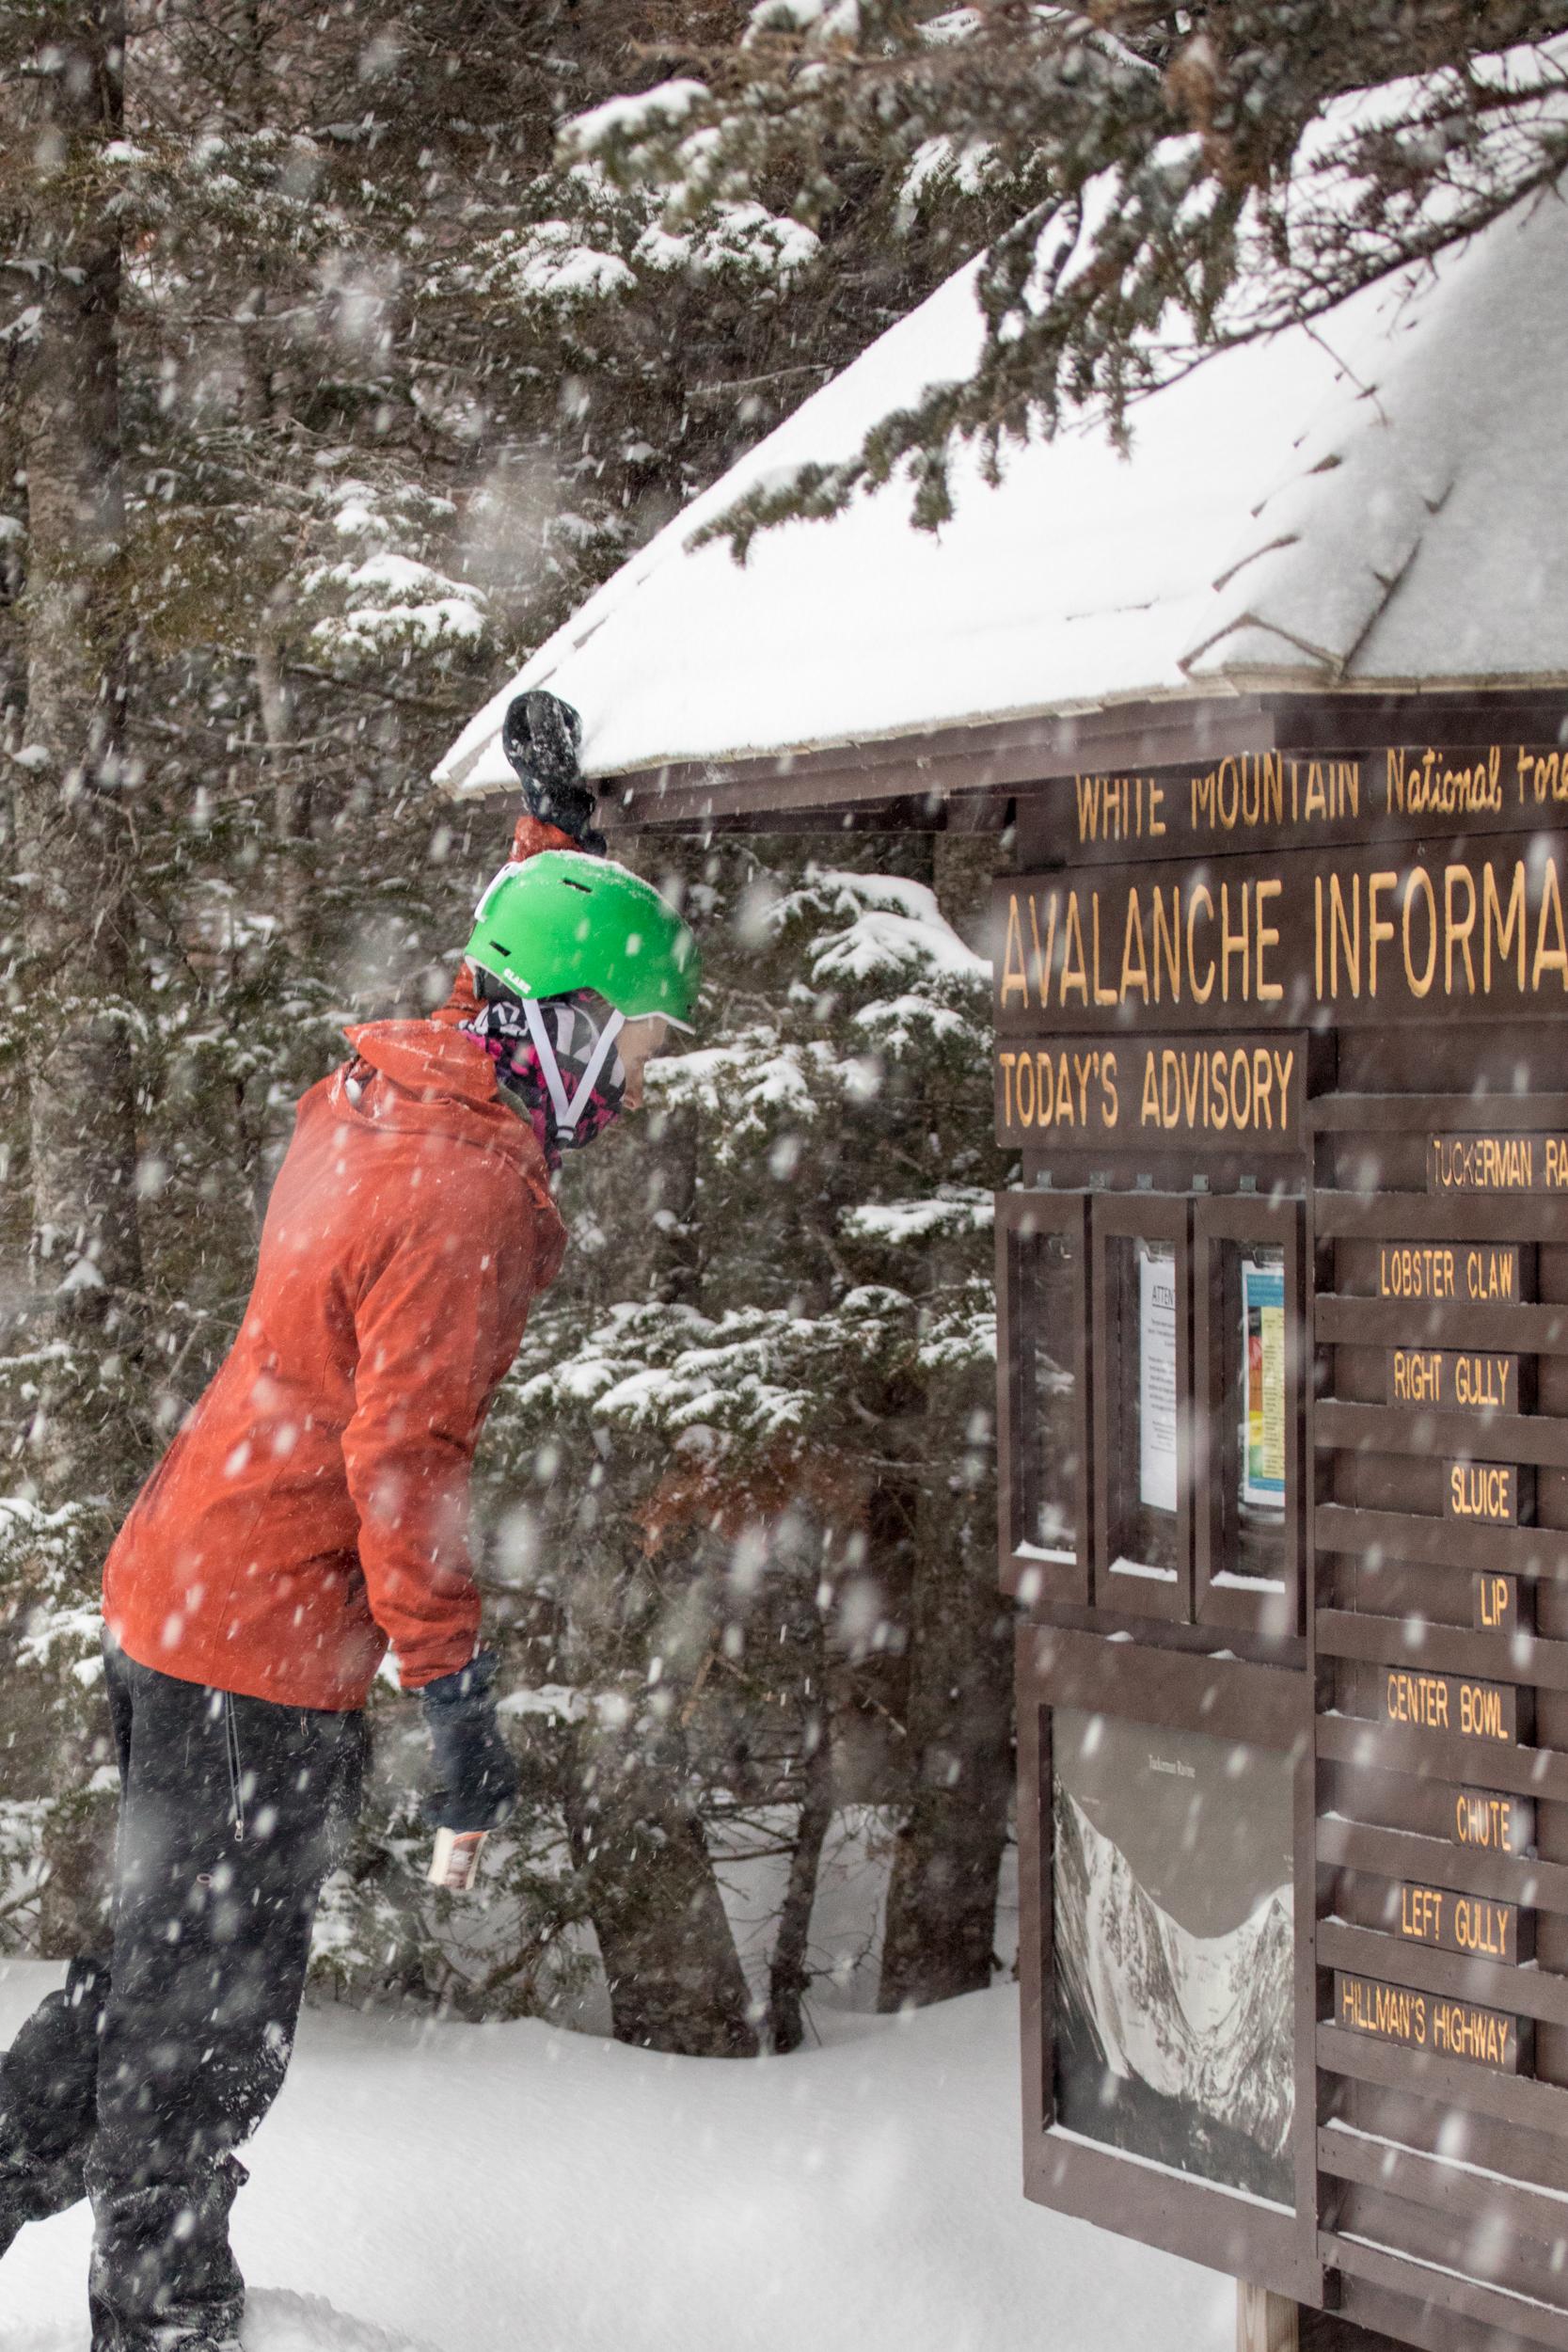 Alex Leich checking the Avalanche Board